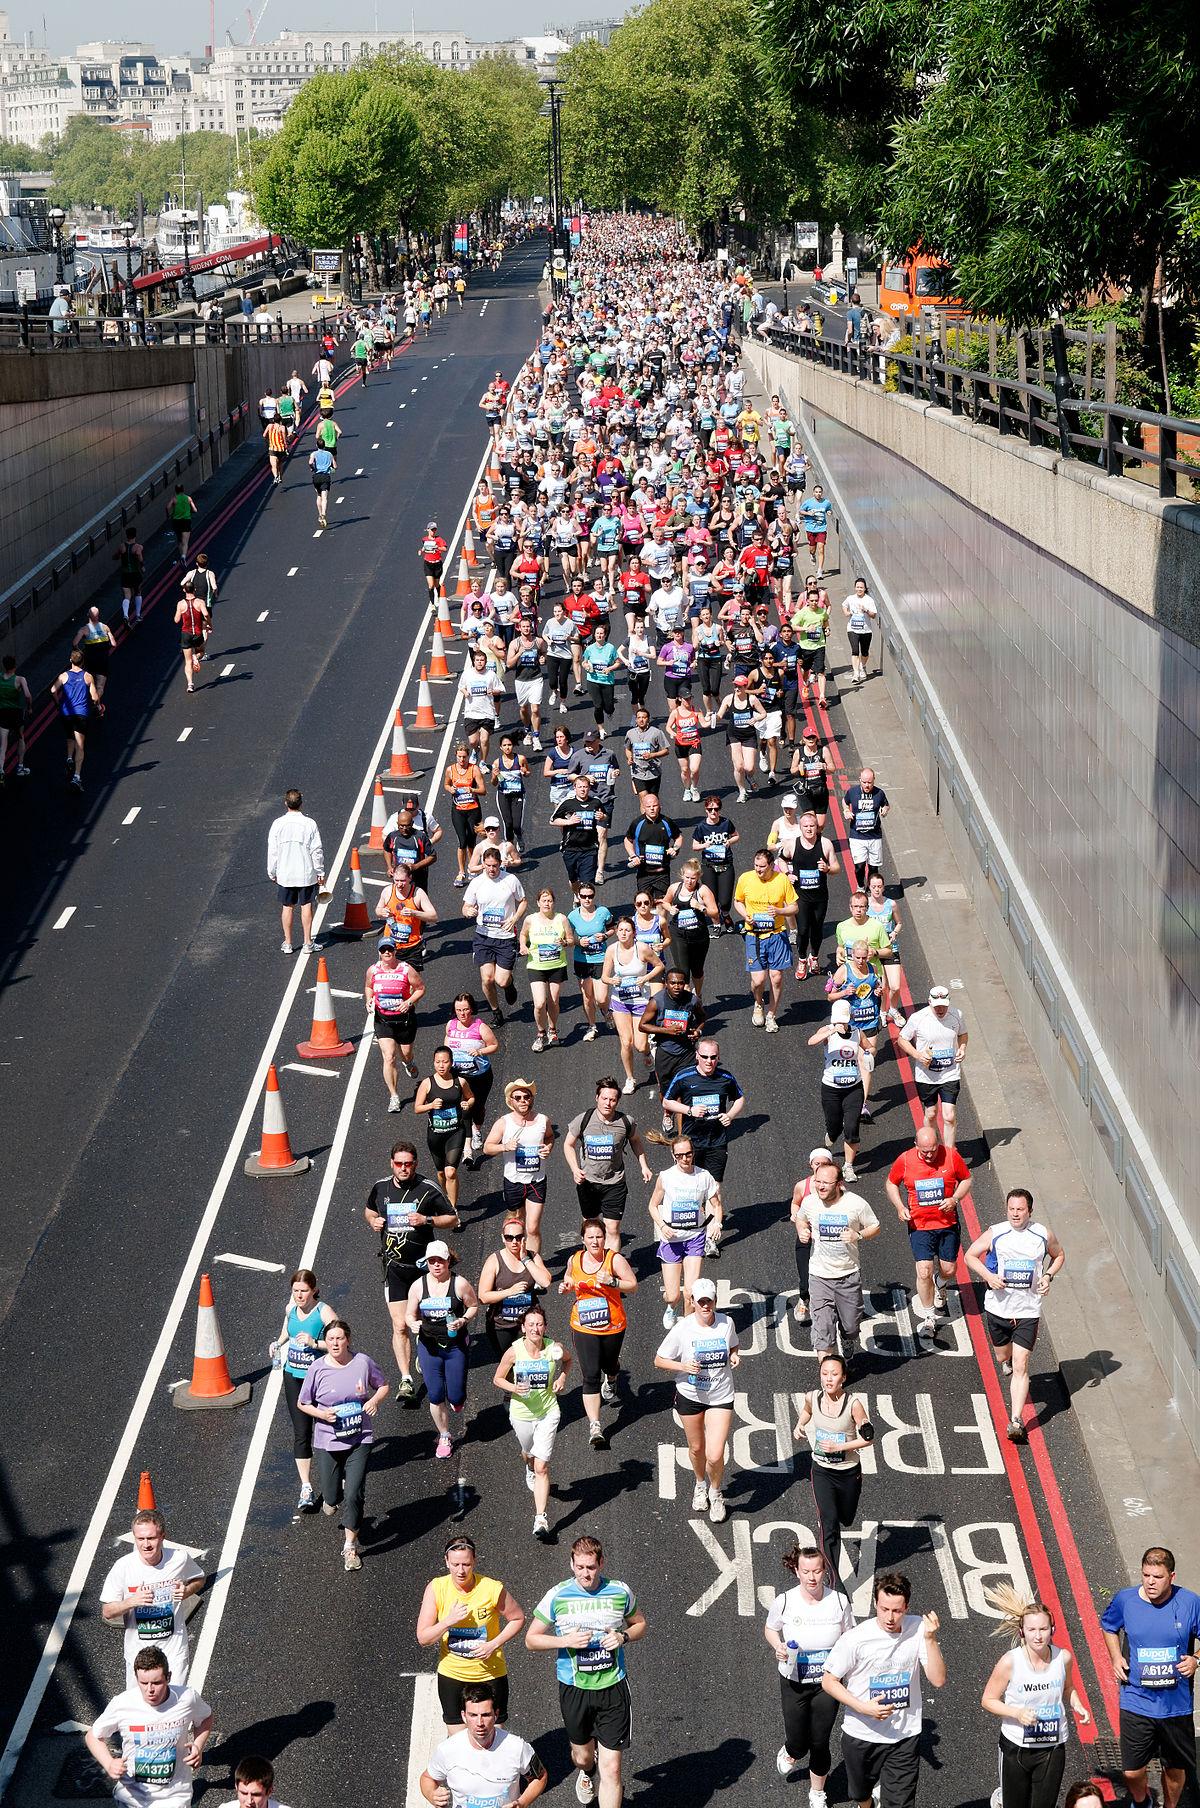 10K run - Wikipedia